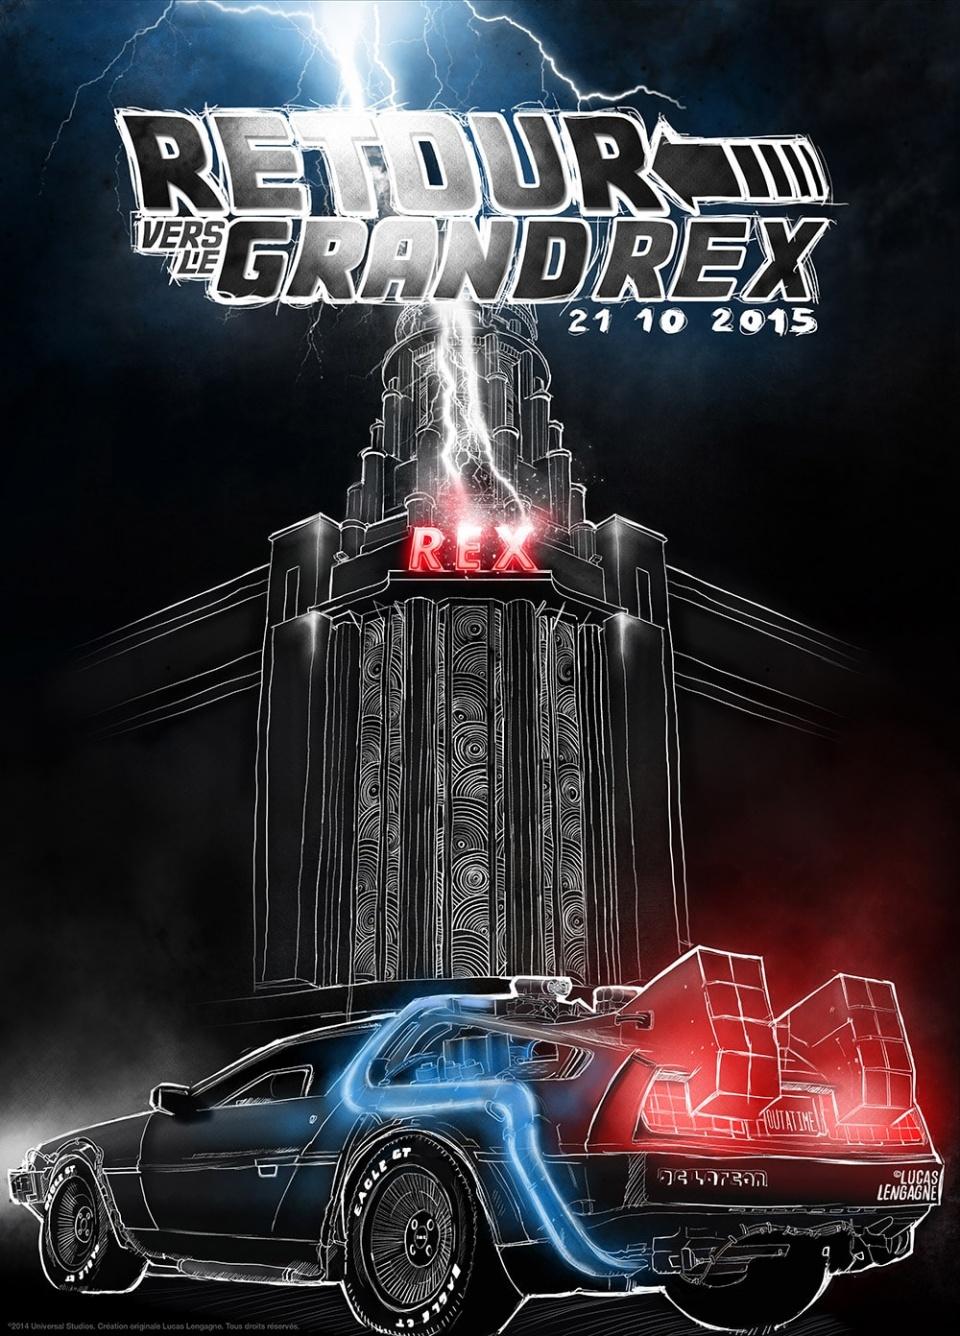 Affiche Retour Vers le Grand Rex